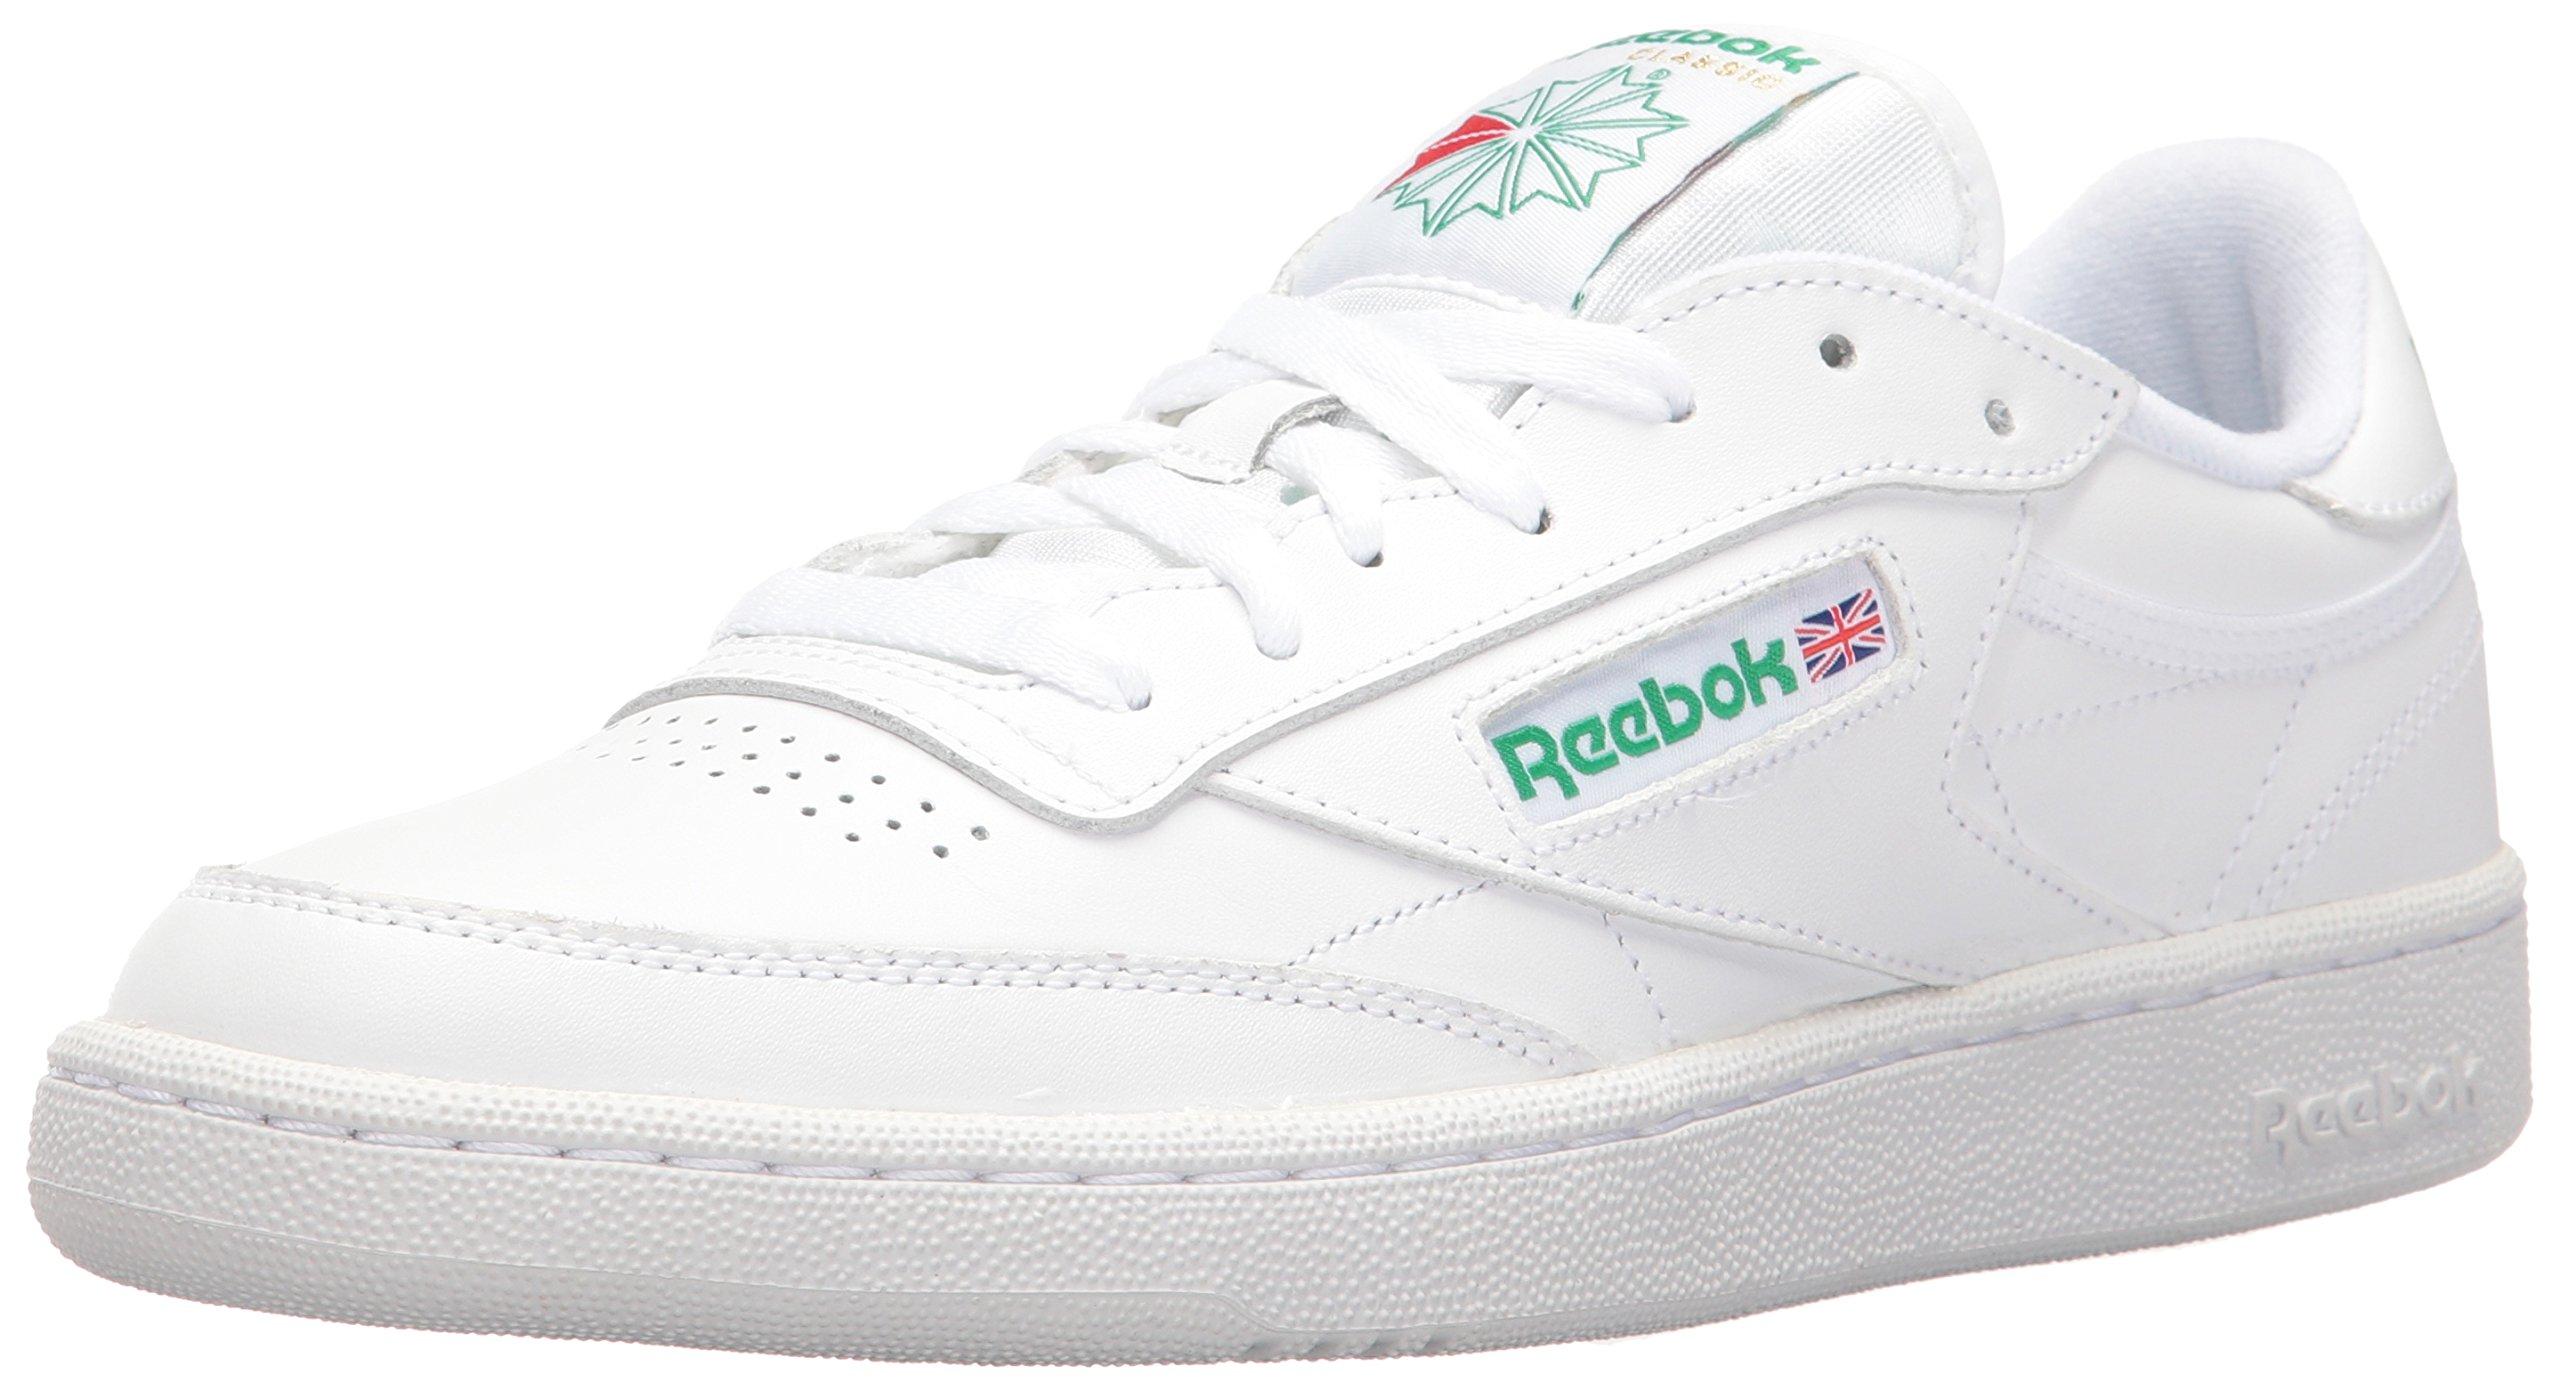 Reebok Men's Club C 85 Walking Shoe, White/Green, 8.5 M US by Reebok